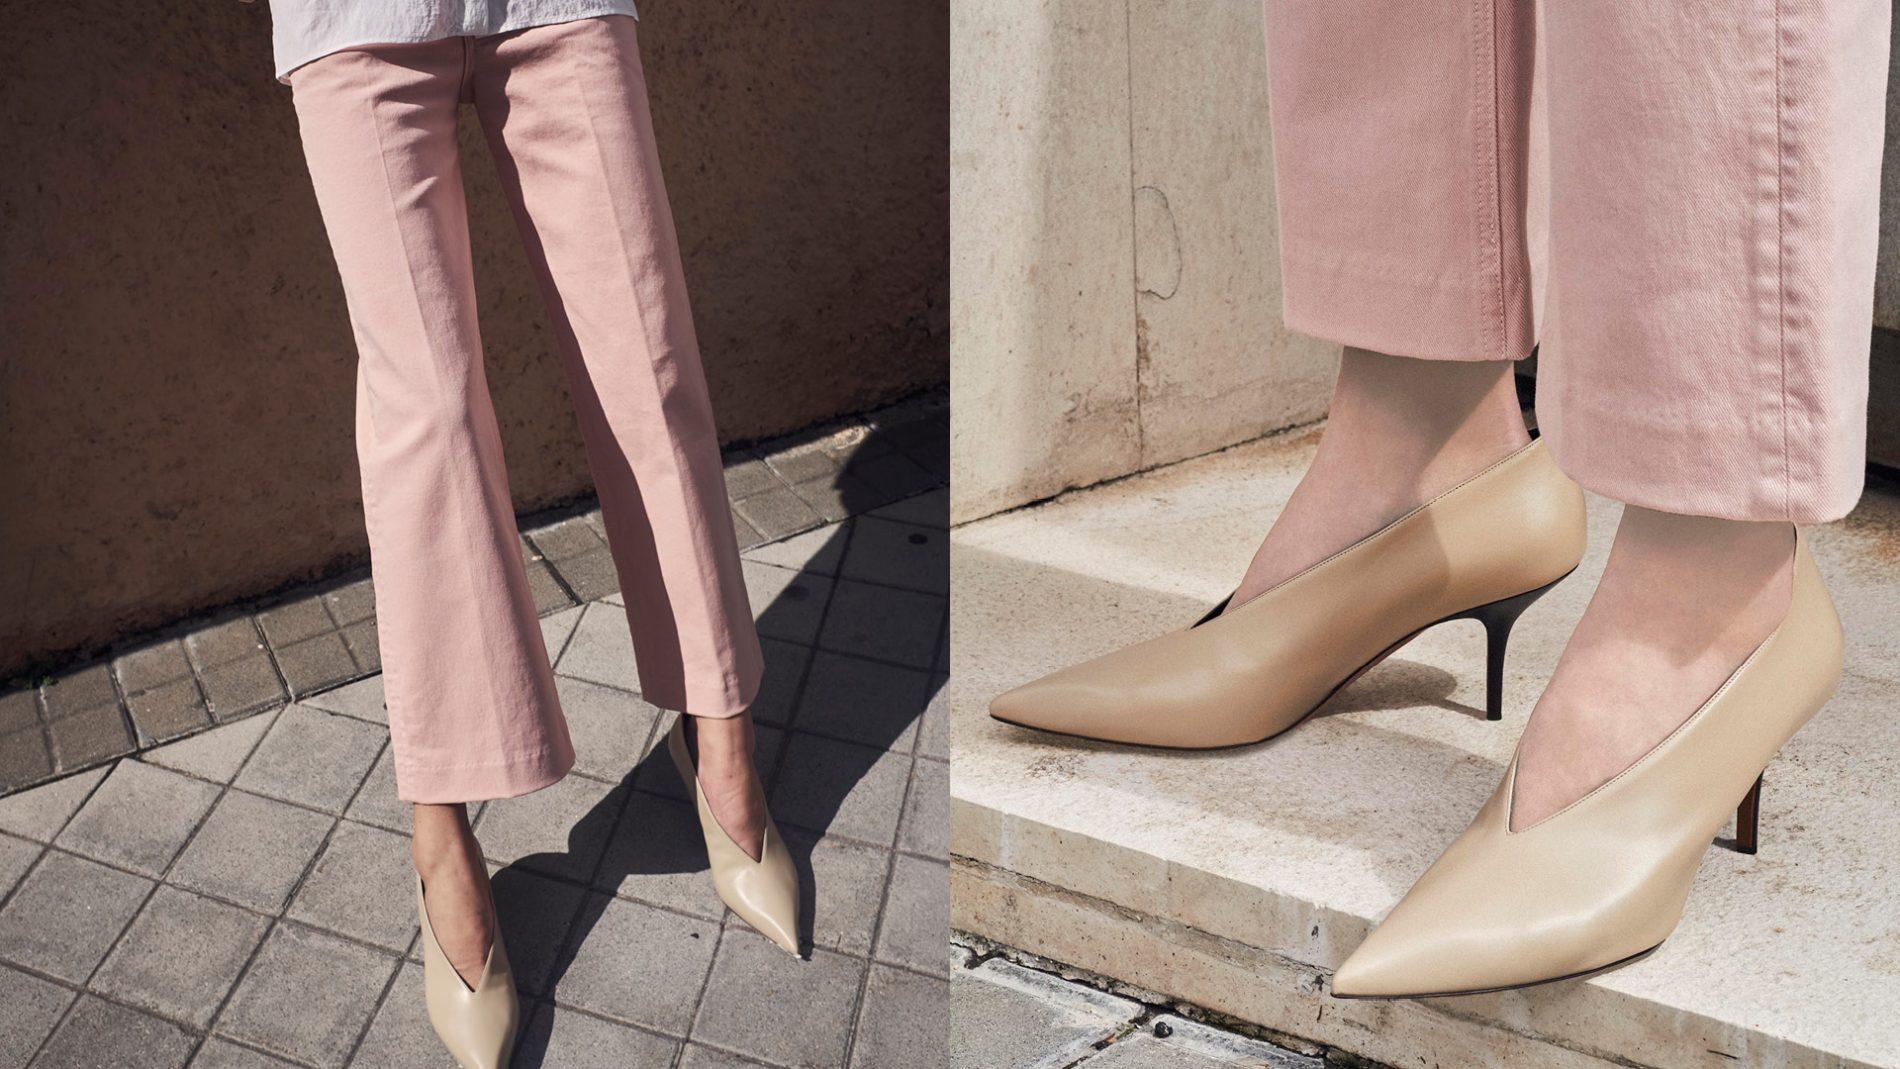 El Corte Inglés Ready-To-Wear Rag & Bone Jeans Celine Shoes